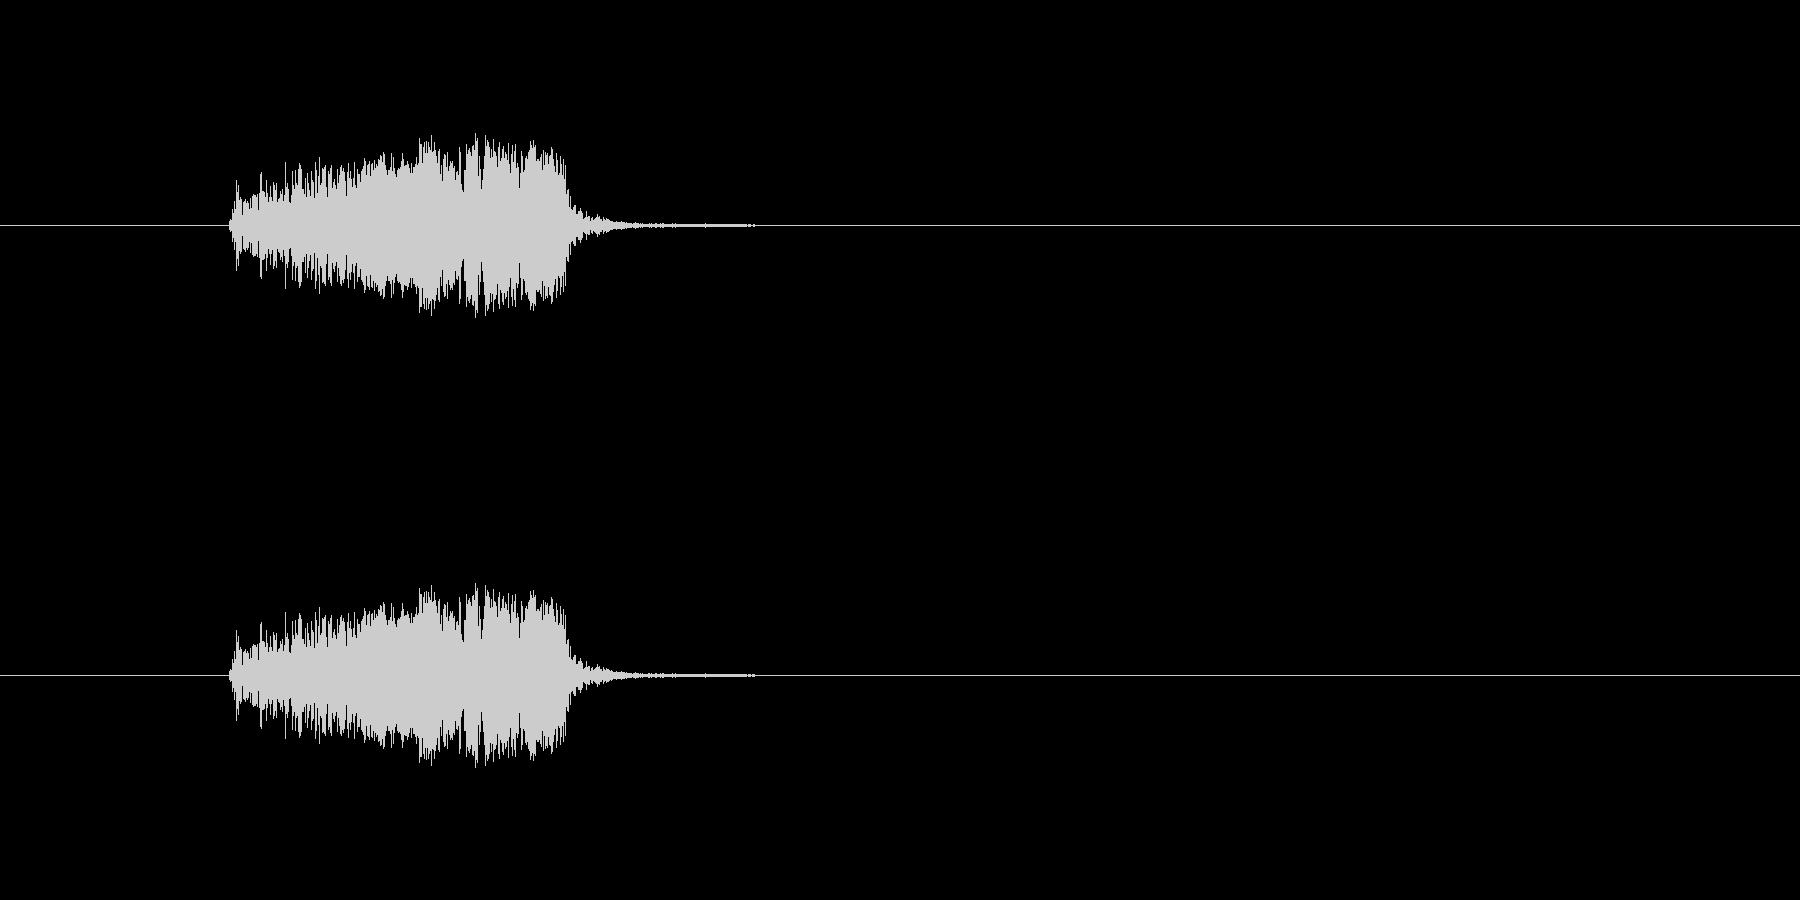 ジャキッ モンスターの攻撃等に使えますの未再生の波形